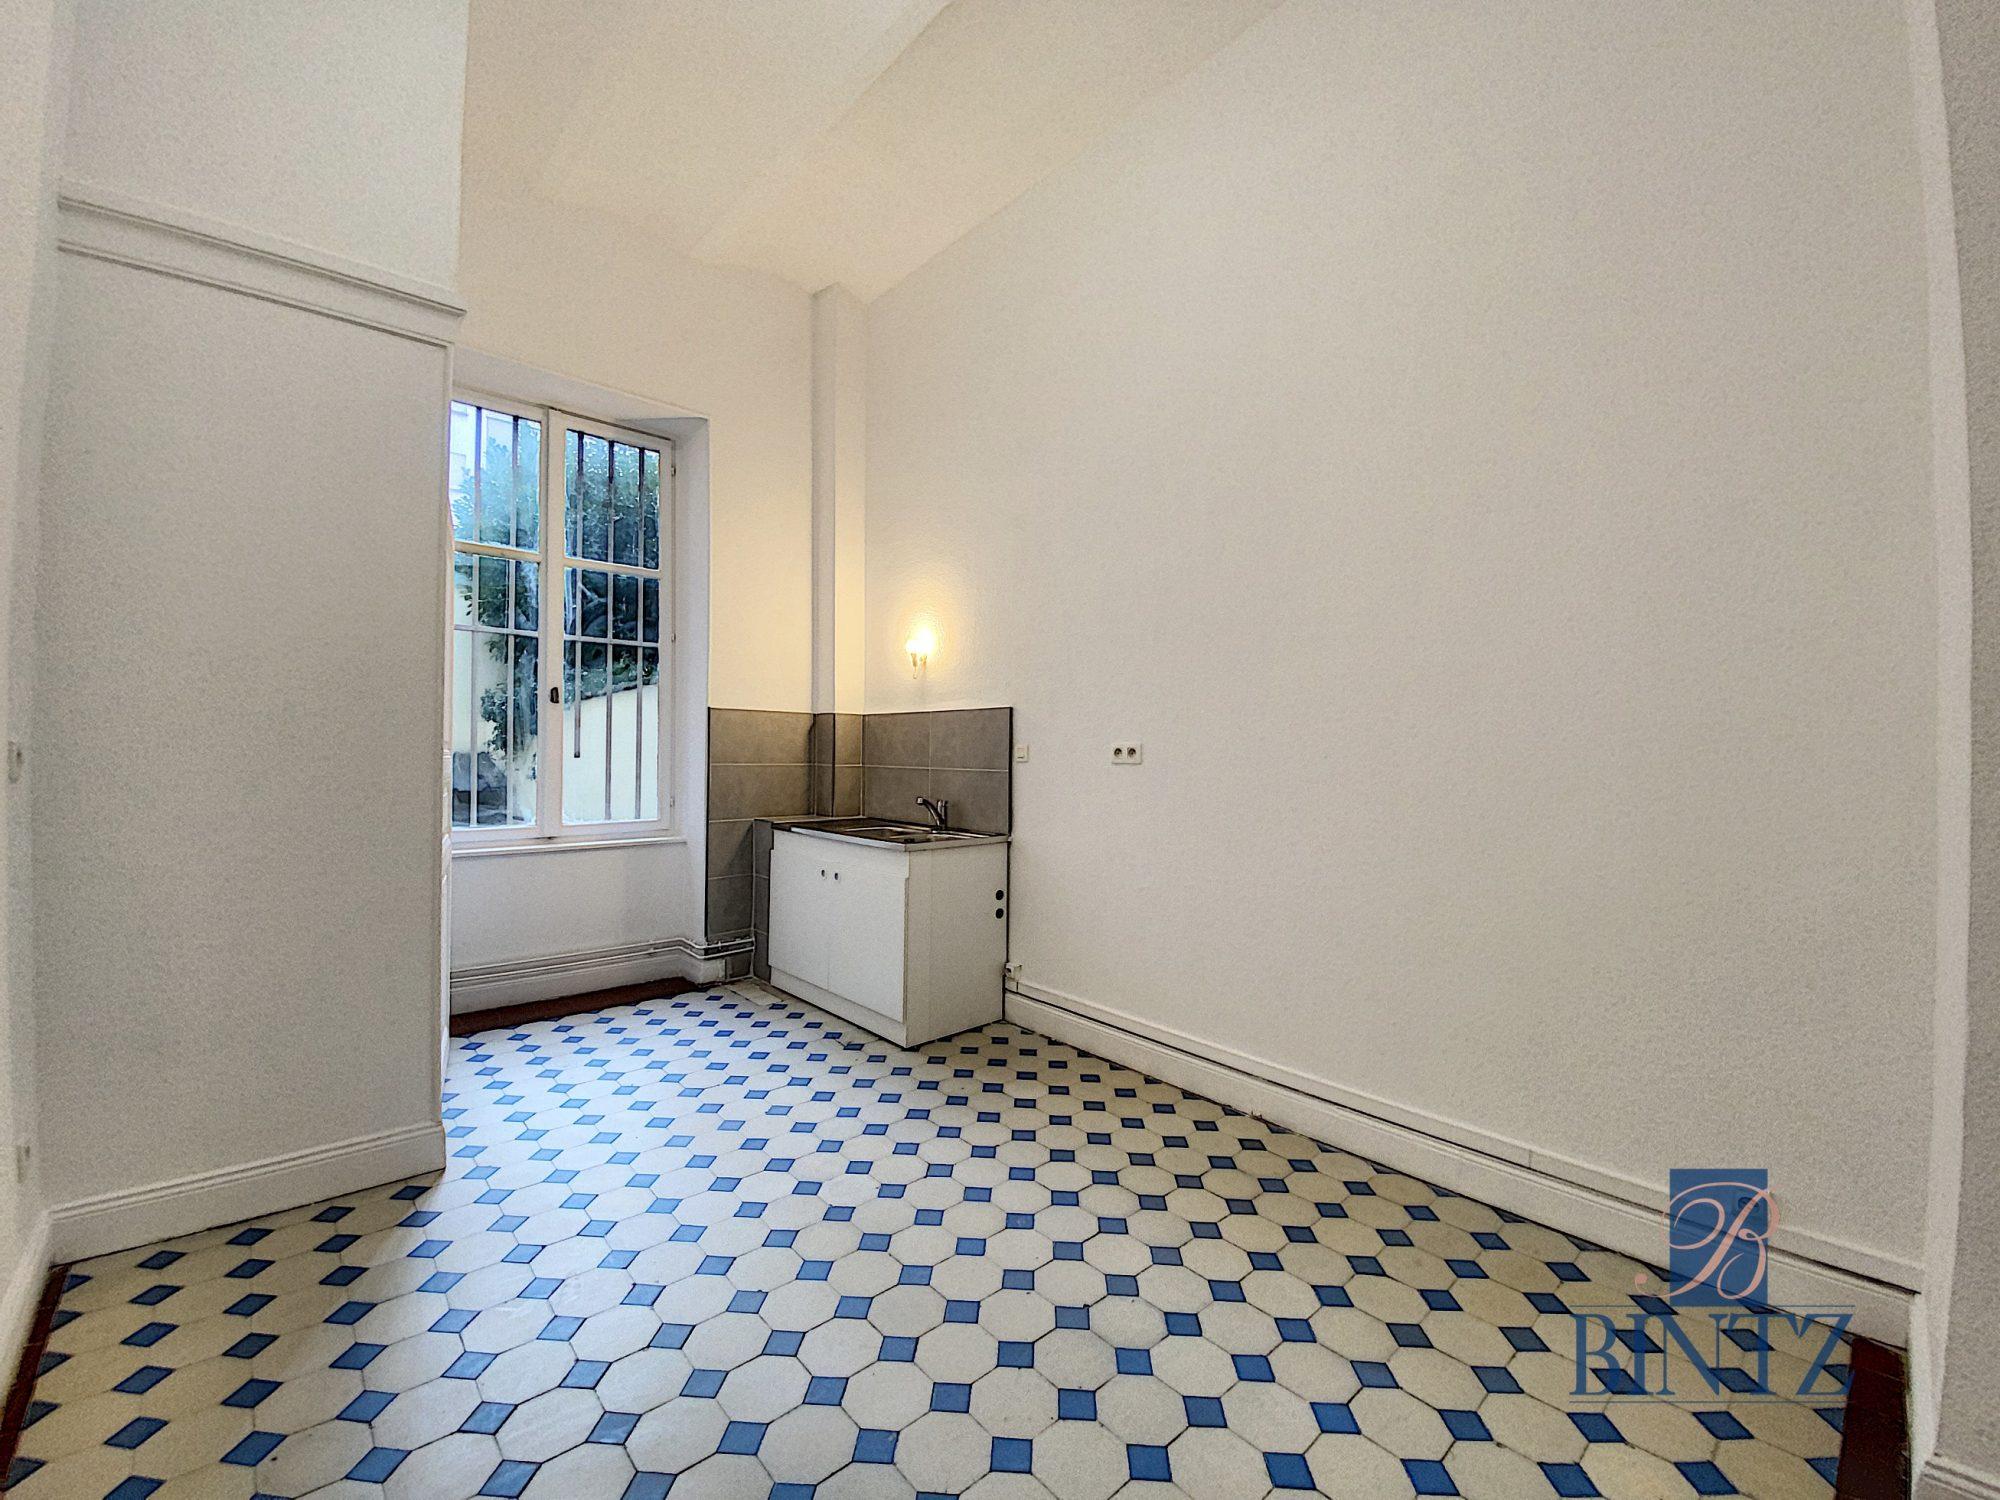 5 pièces rue Wimpheling - Devenez locataire en toute sérénité - Bintz Immobilier - 4